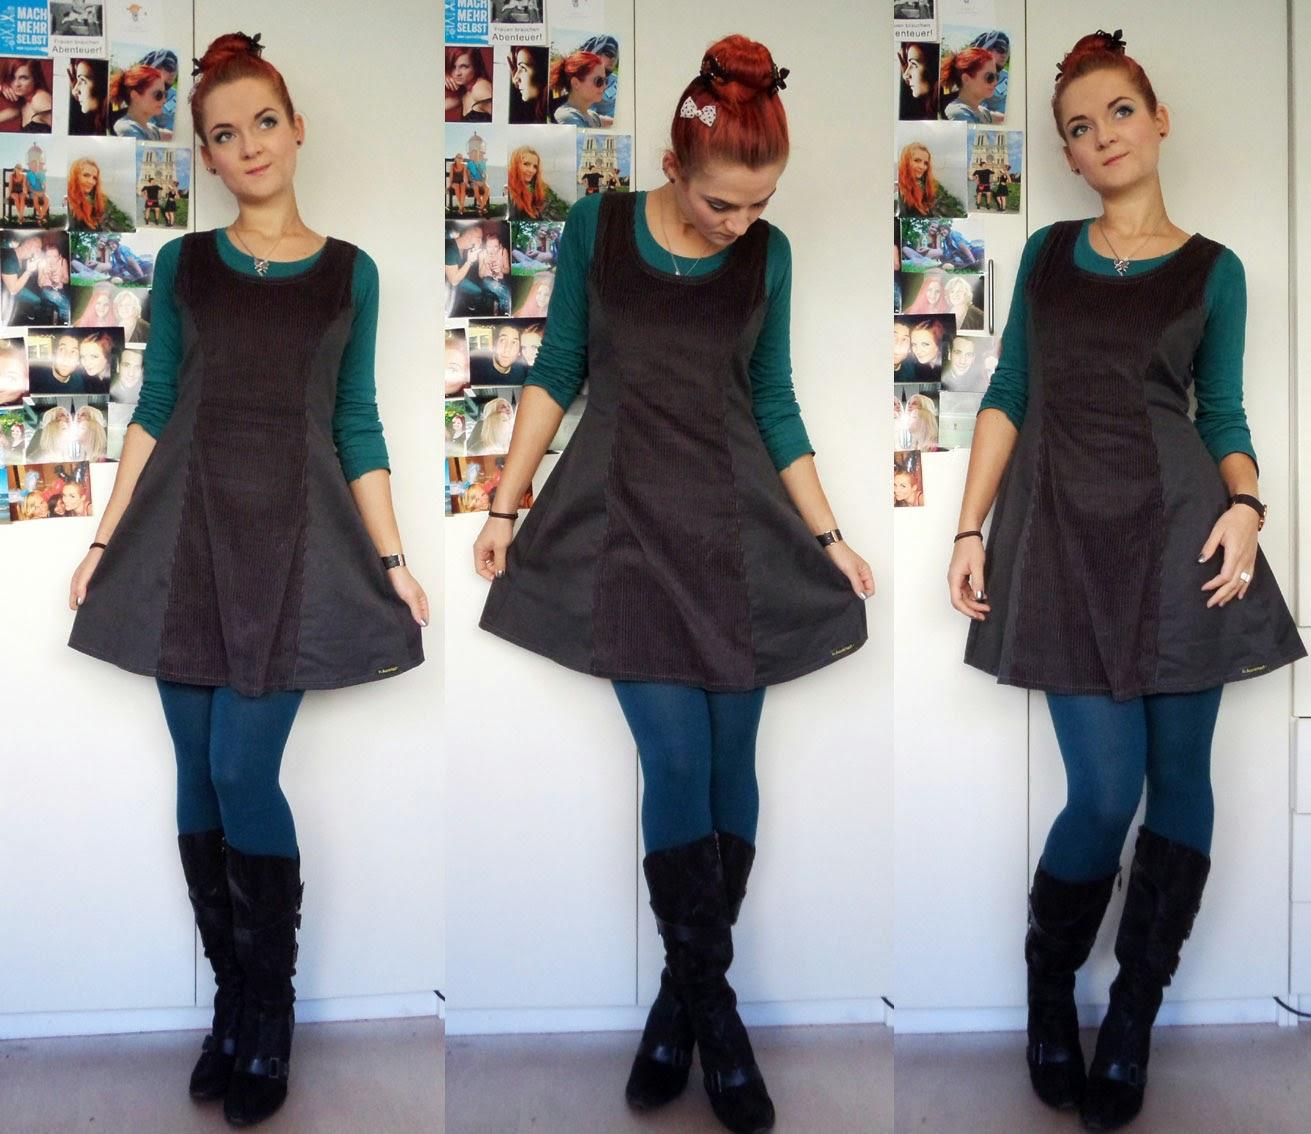 [Nähen] MMM - Graues Kleid mit Materialmix